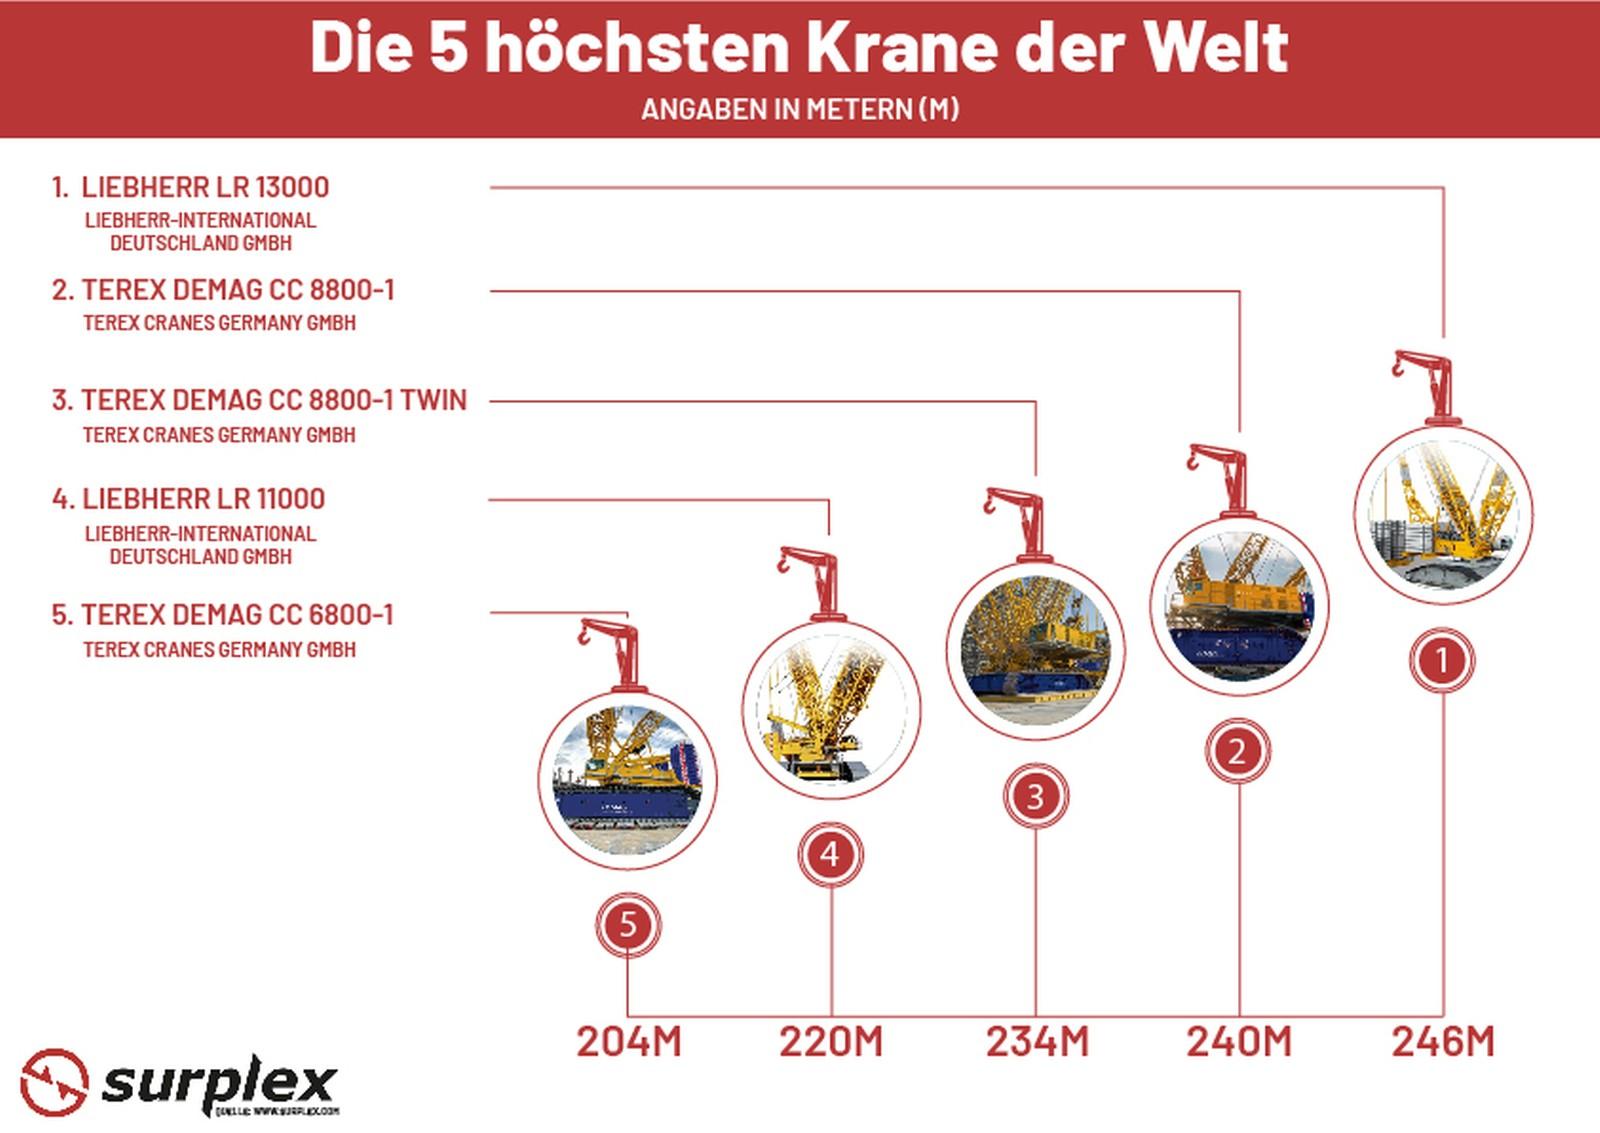 Das sind die fünf höchsten Krane der Welt im Überblick.